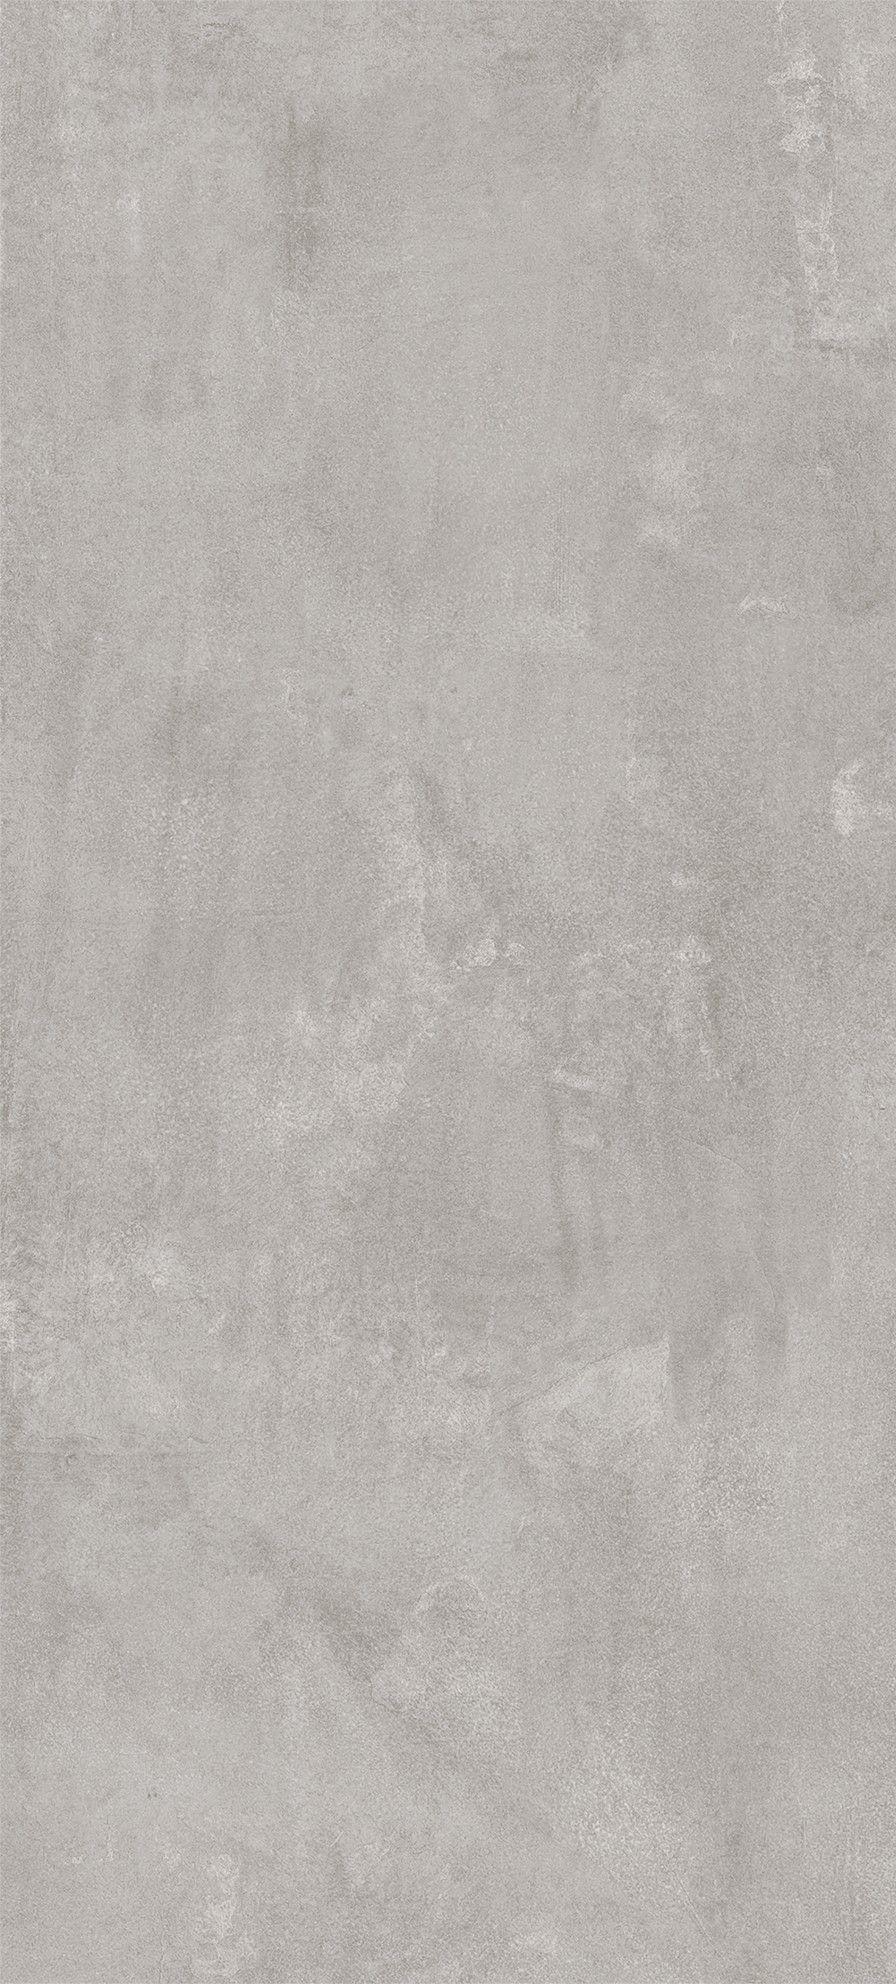 Gerflor Senso Clic Premium 0826 Manhattan Clear Dalle Vinyle Lame Pvc Clipsable Dalle Pvc Clipsable